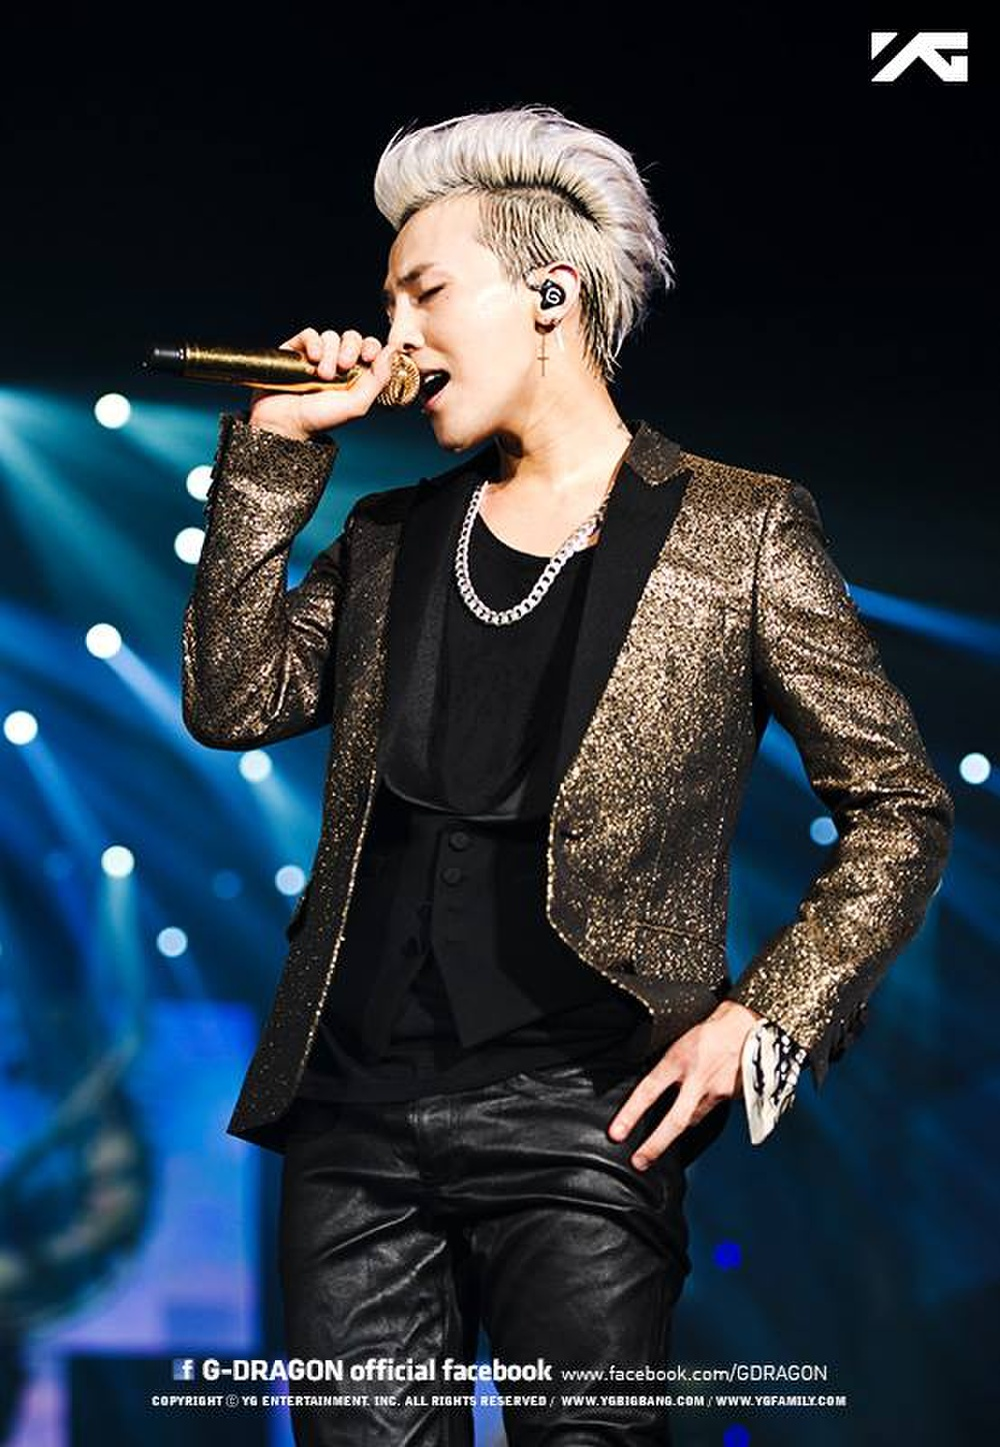 Giữa ồn ào đạo nhạc, dân mạng tâm đắc lời đáp trả của G-Dragon năm 2012: 'Kẻ đạo nhái tôi thật rẻ tiền' Ảnh 4